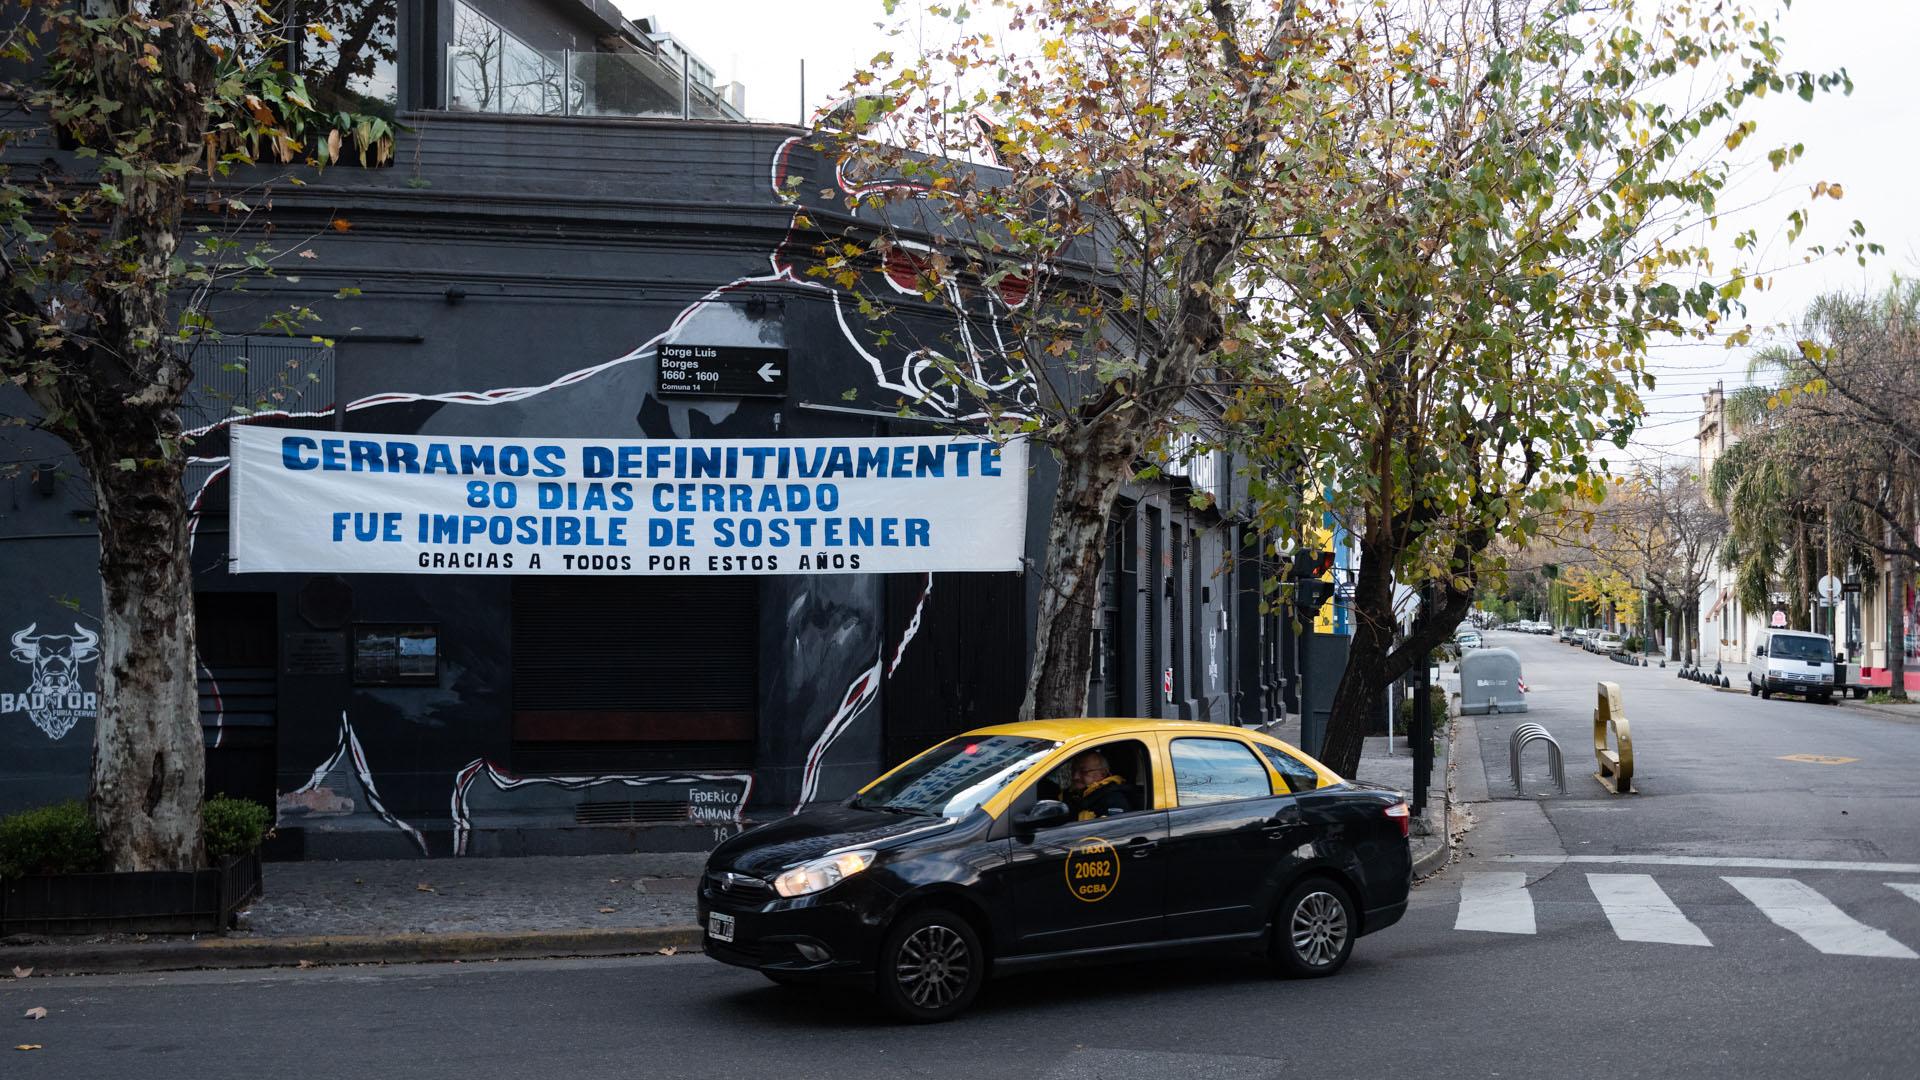 El bar Bad Toro, en Plaza Serrano, anunció su cierre. Estaba ubicado en Jorge Luis Borges al 1600